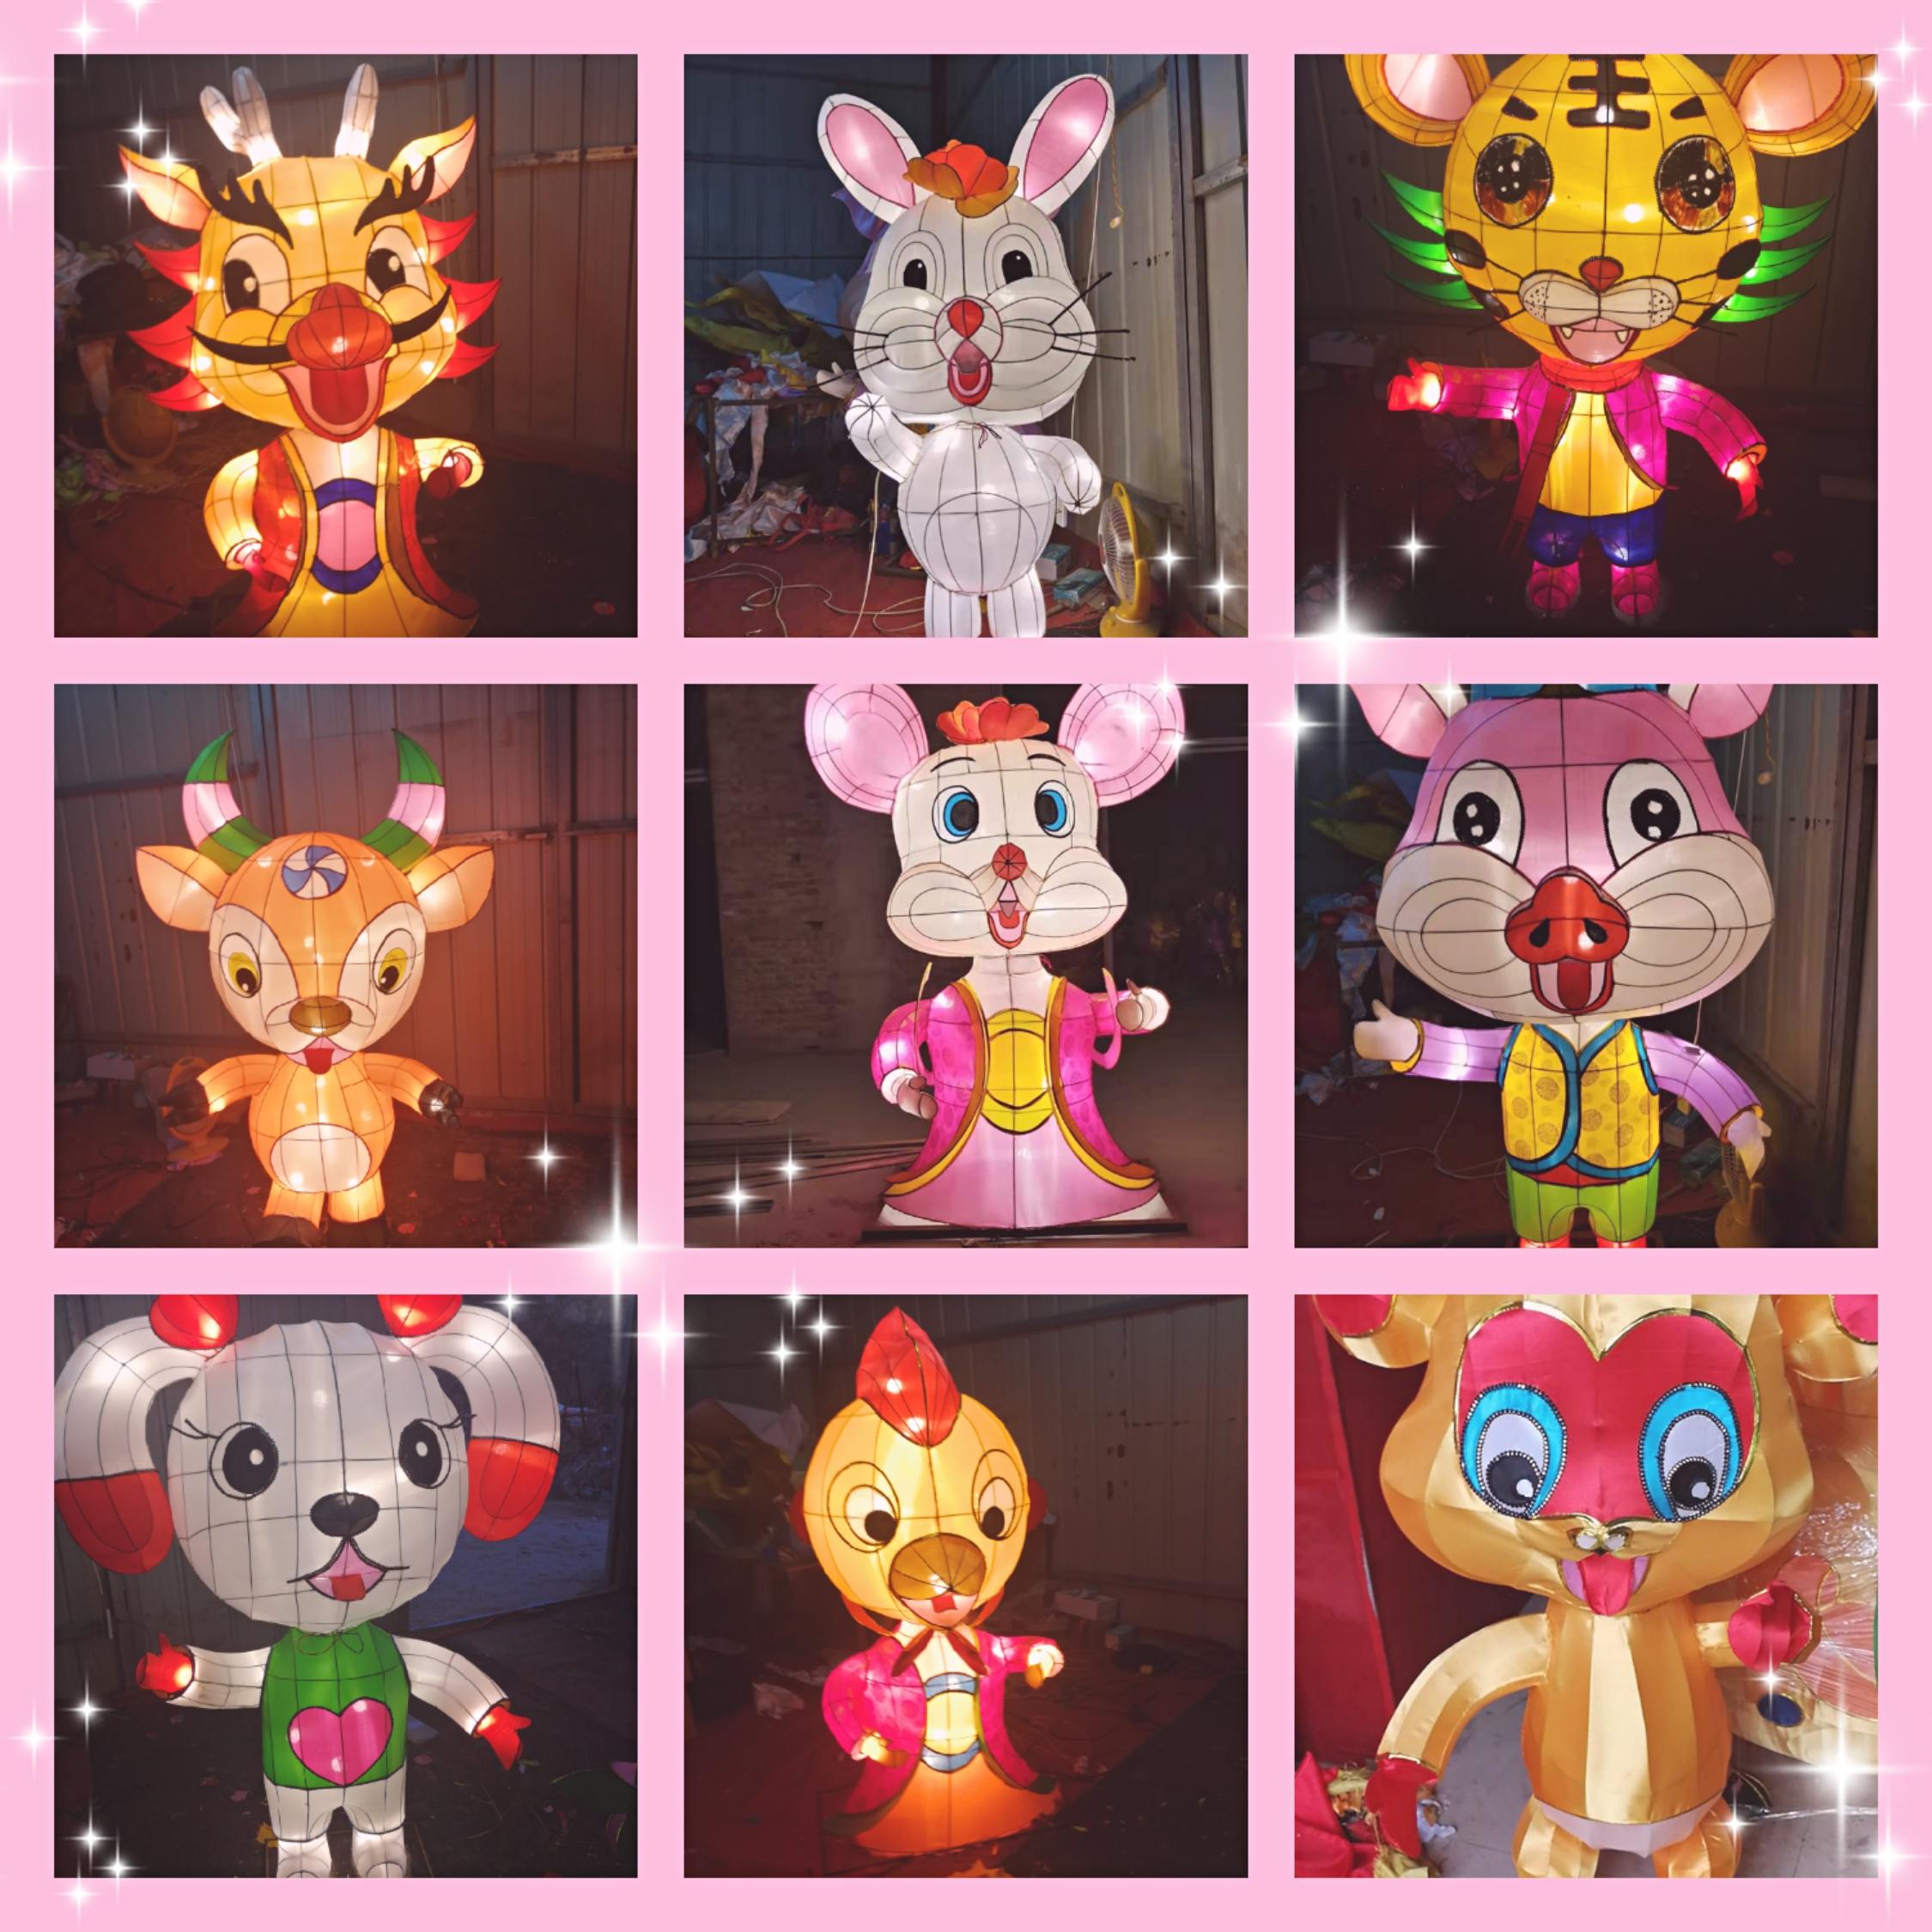 新年彩灯12生肖定制厂家 12生肖彩灯批发 新年彩灯老鼠价格